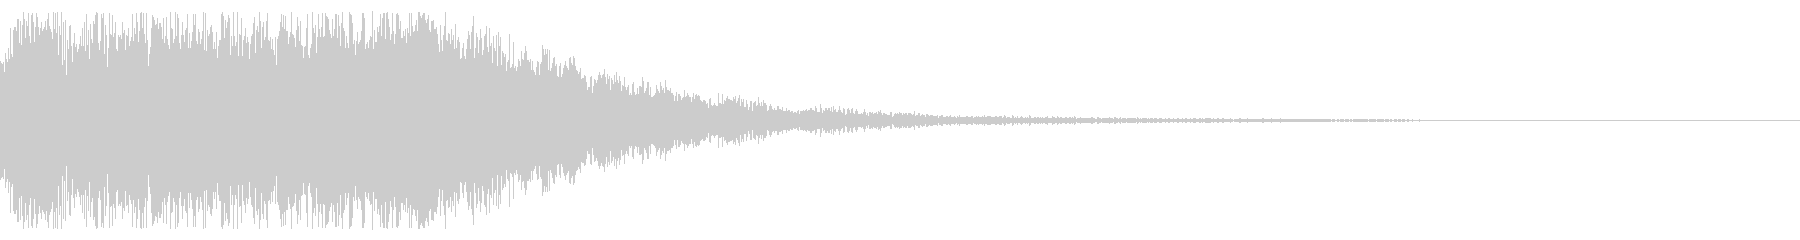 チャイム(電子音)の未再生の波形